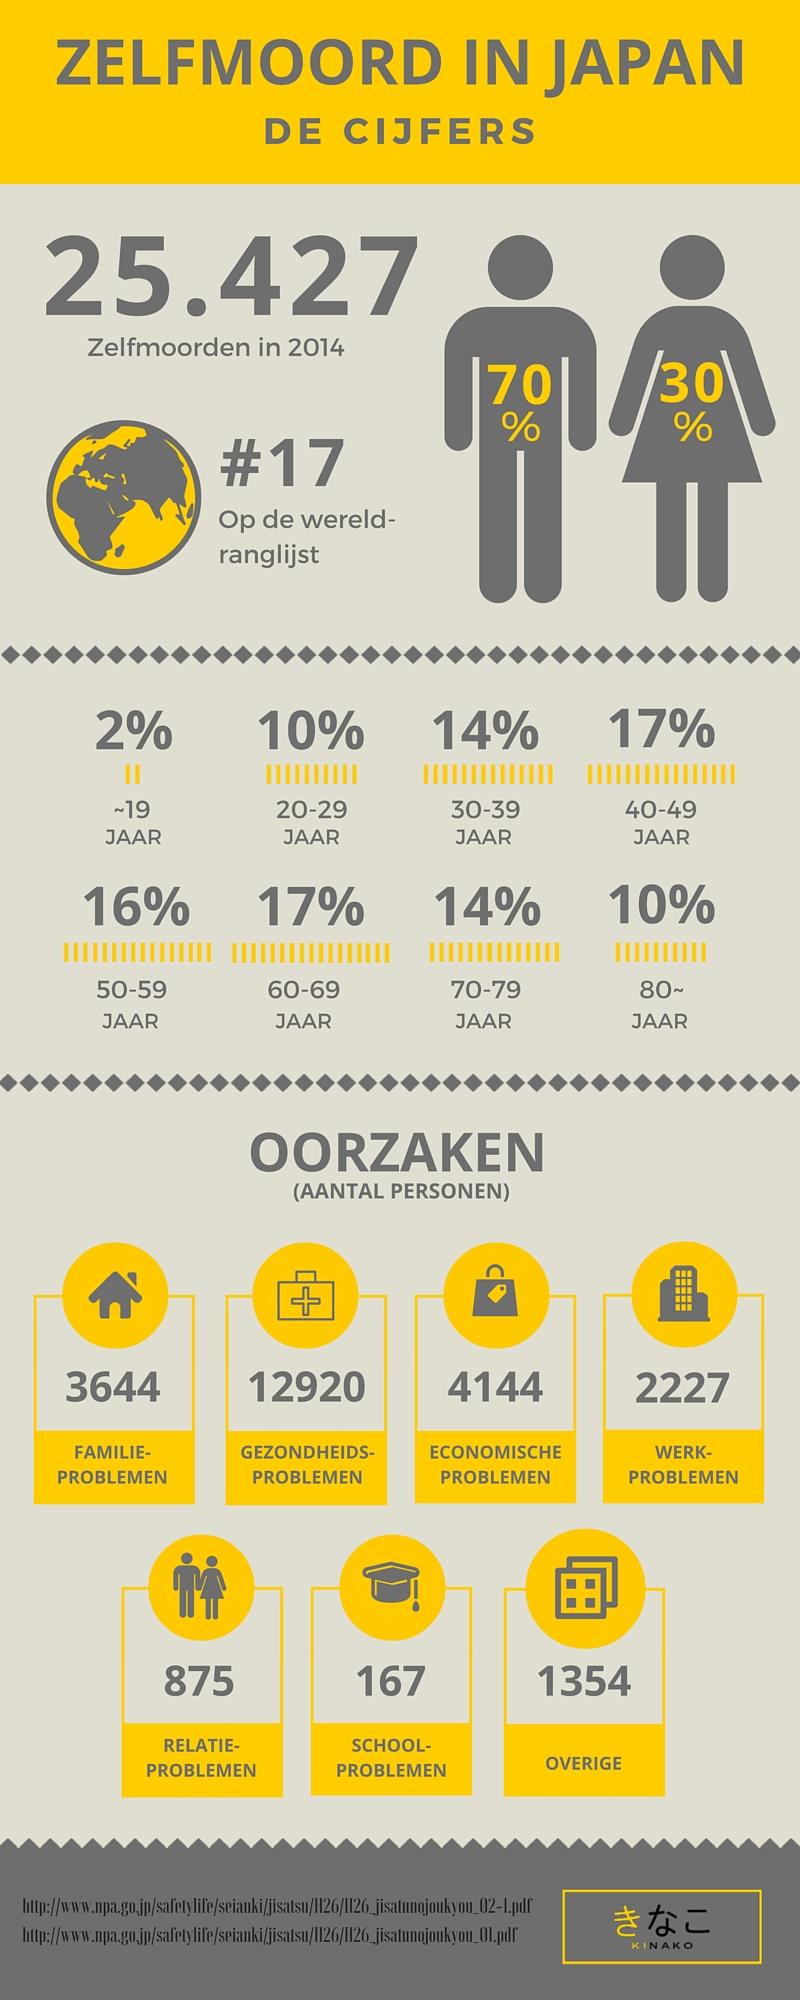 Zelfmoord in Japan infographic door Kinako